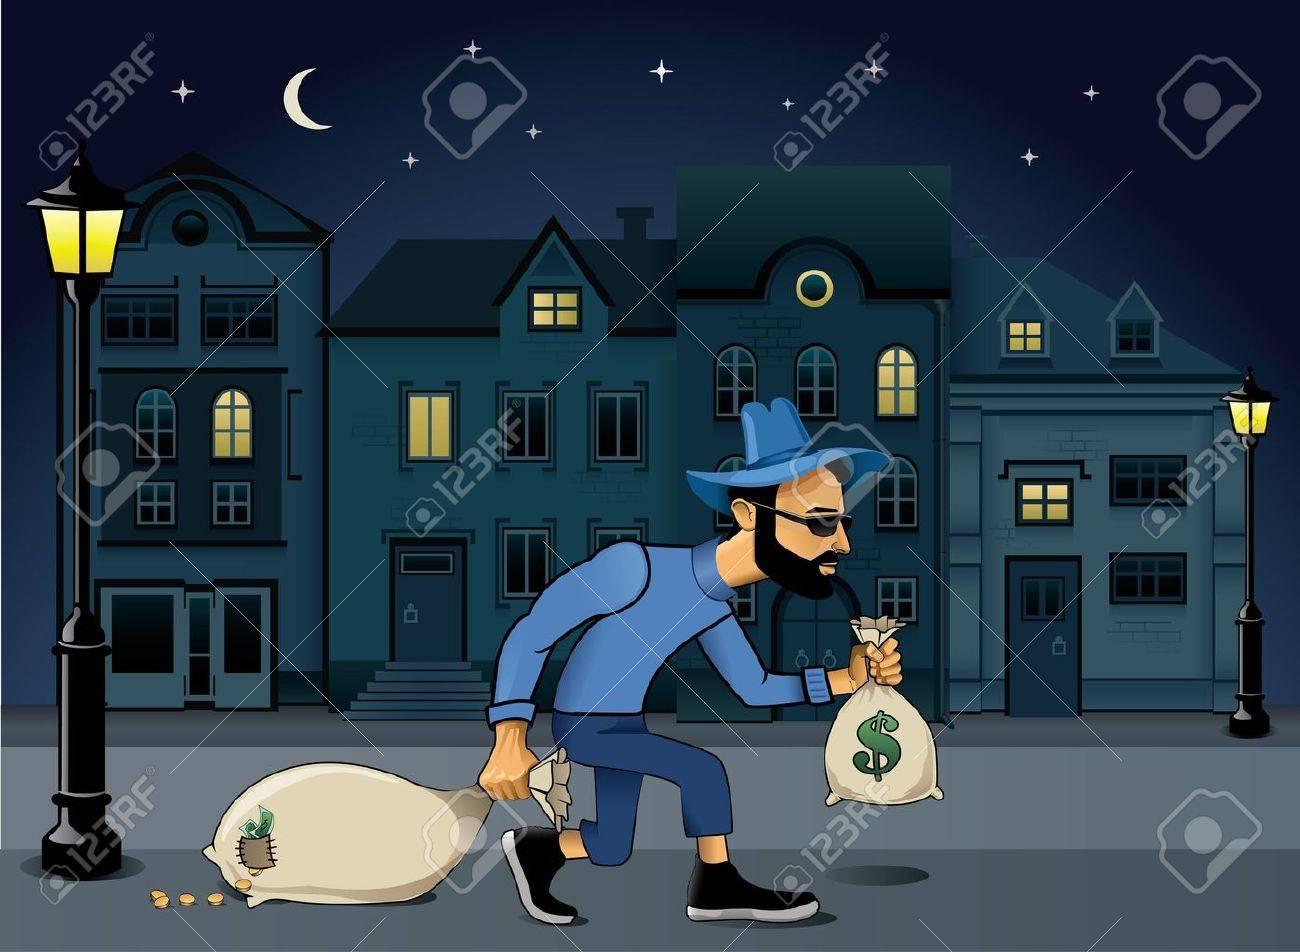 burglar walking jo the street at night Stock Vector - 10344594